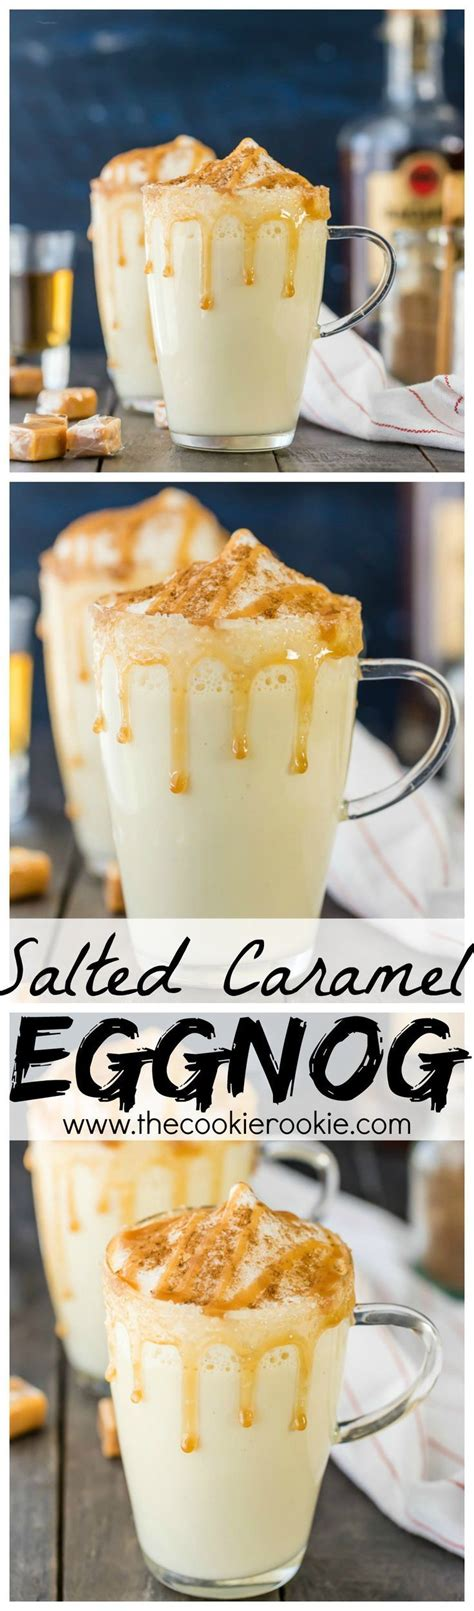 homemade salted caramel eggnog recipe eggnog recipe